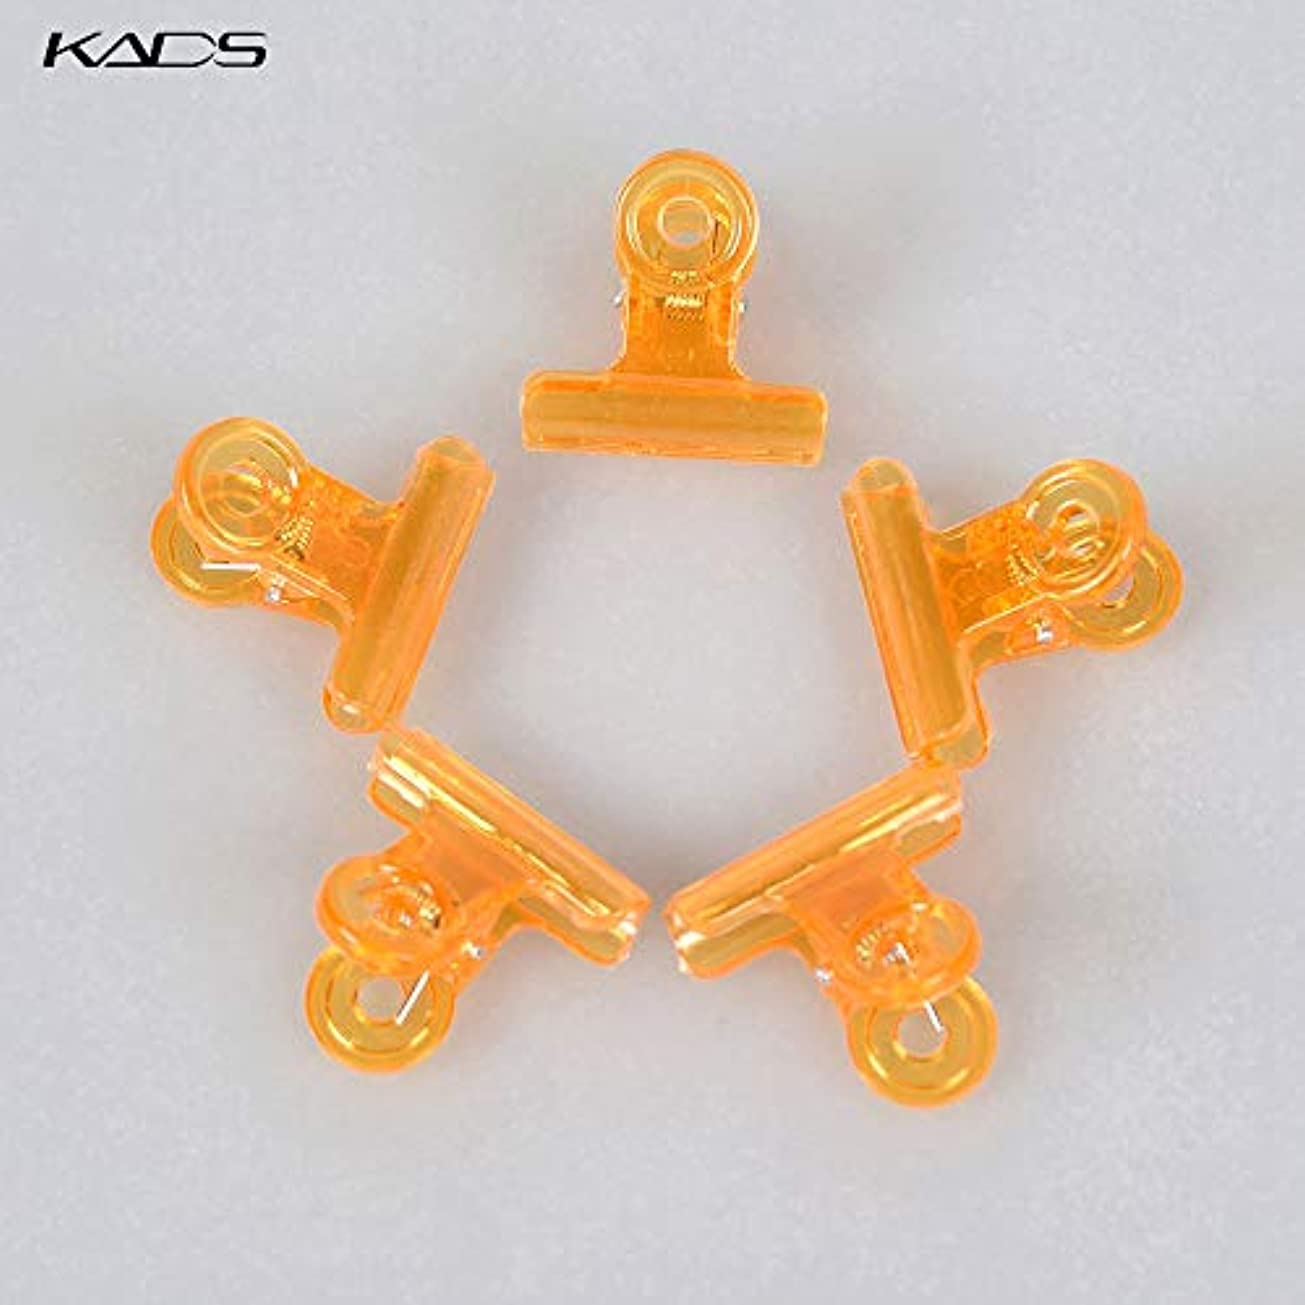 パースお客様悪性KADS ネイルクリップ ネイルエクステンションクリップ プラスチック製 ネイルアート用品 (オレンジ)